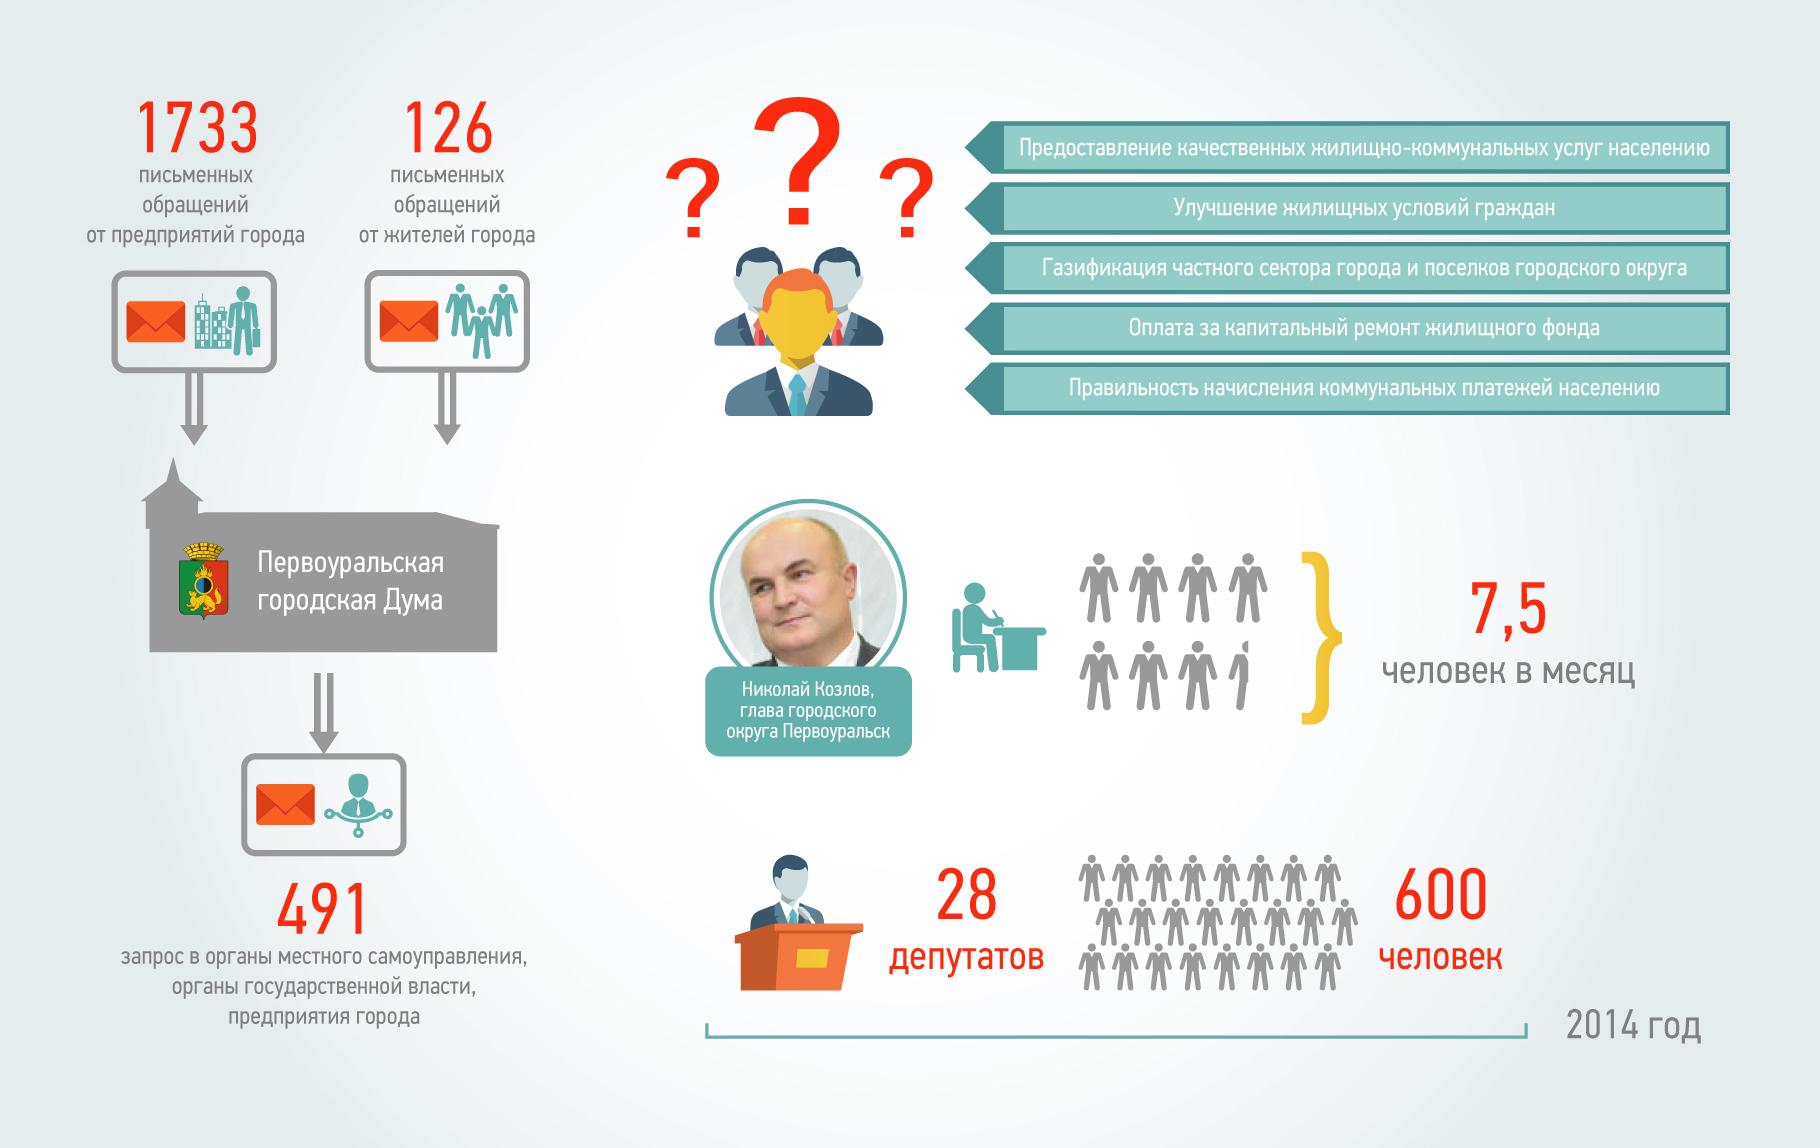 Инфографика кликабельна